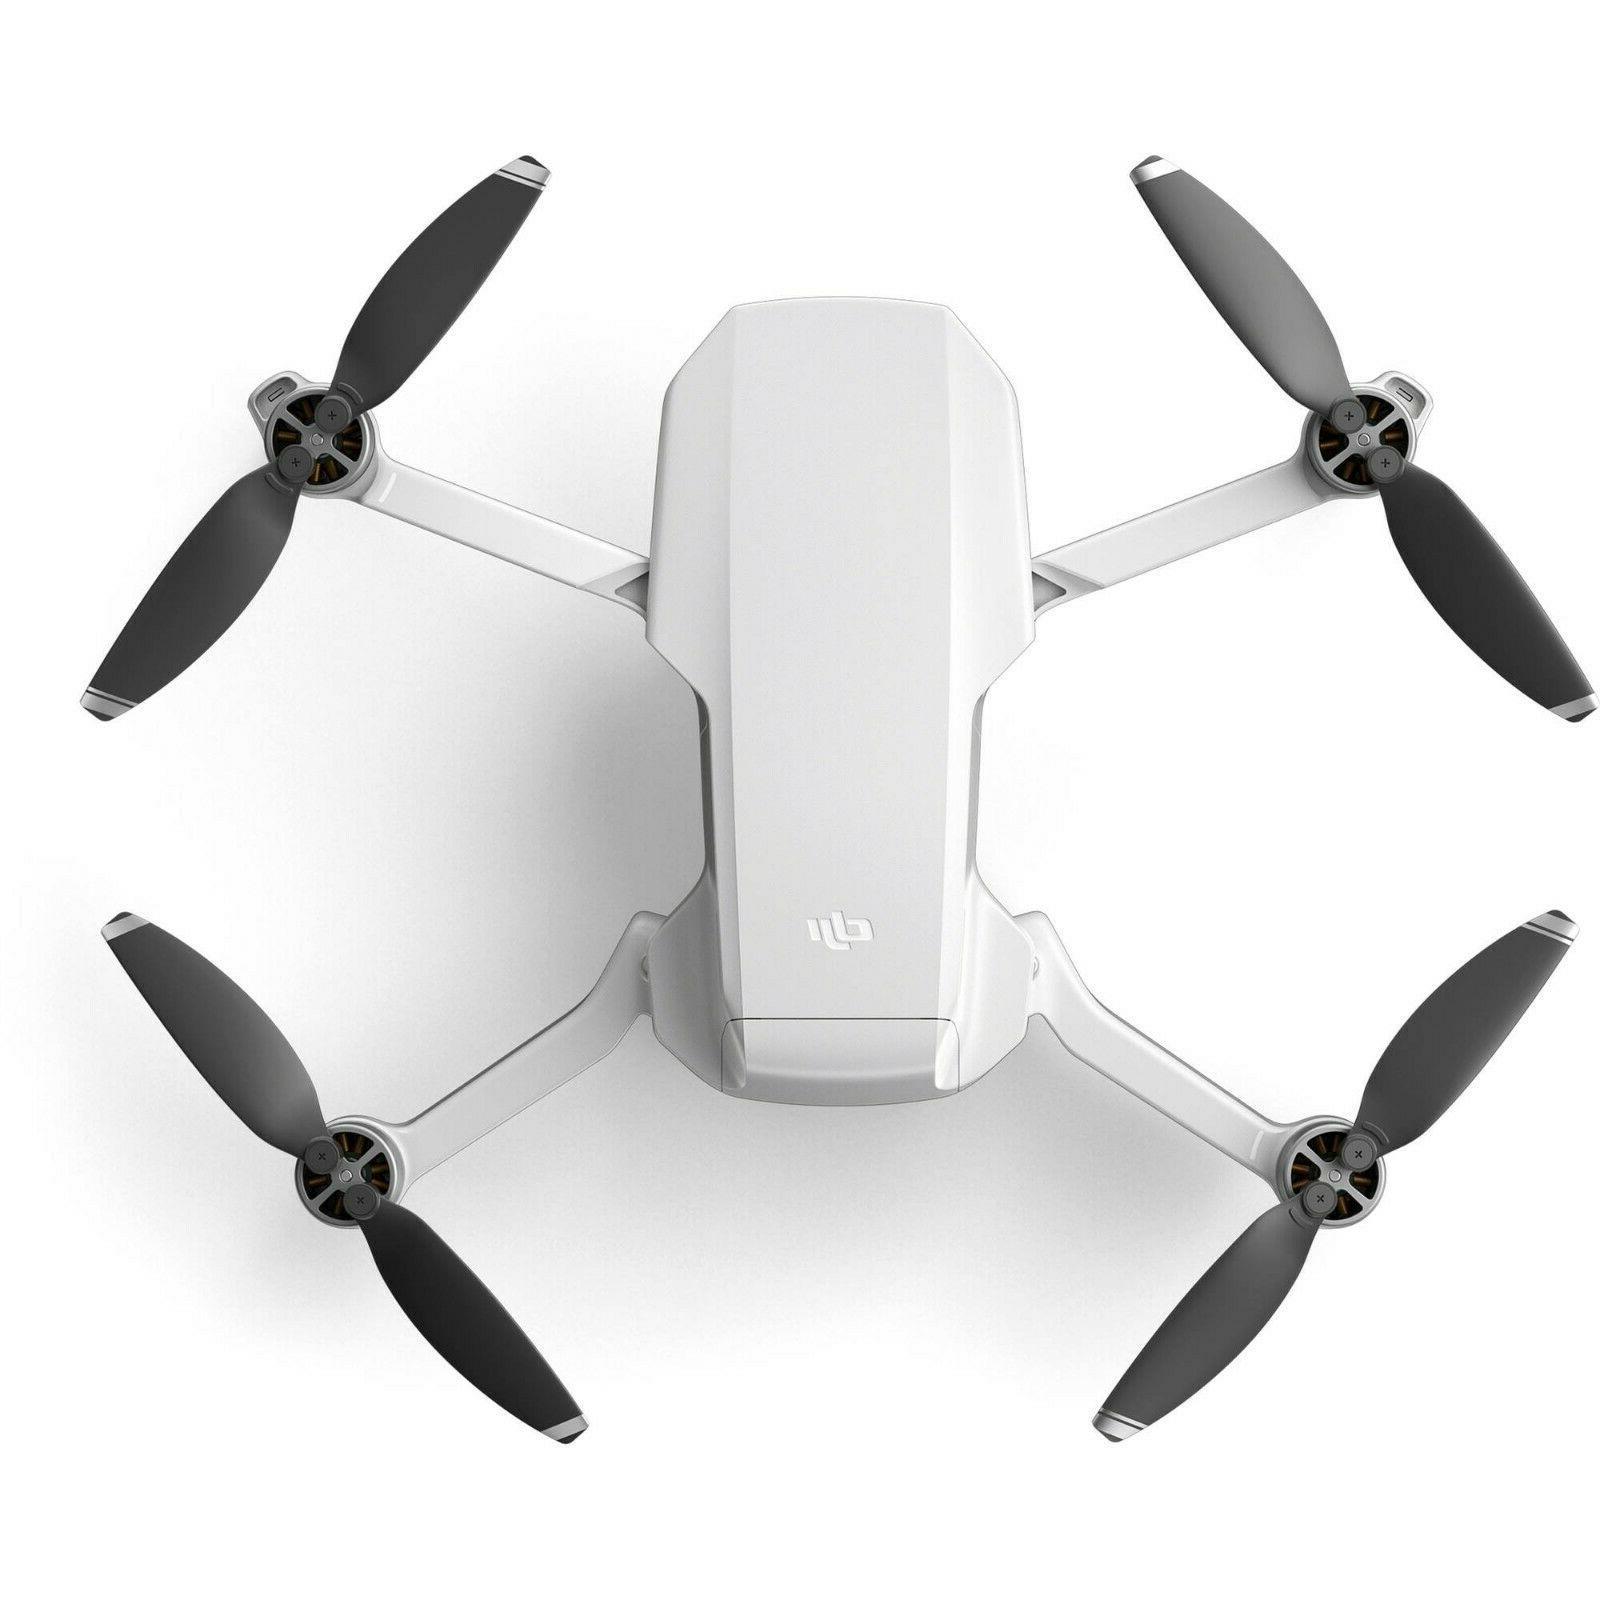 DJI Mini Fly More Portable